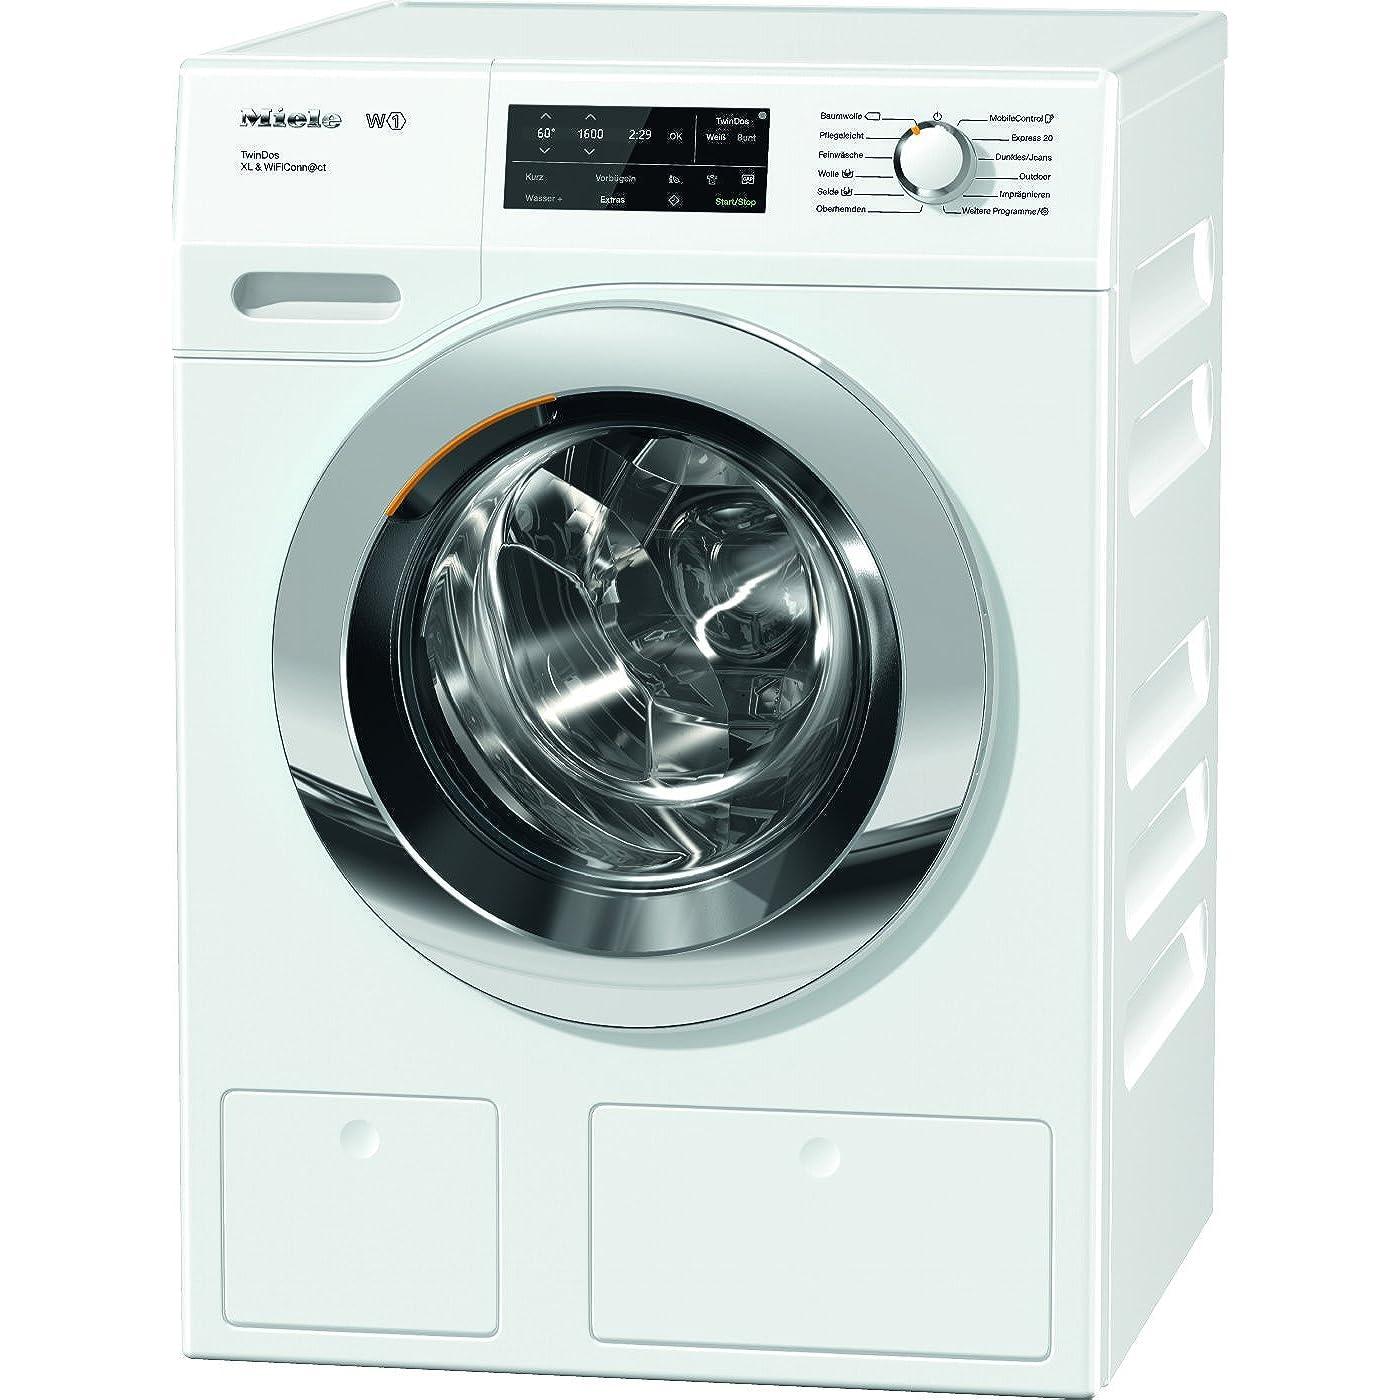 miele waschmaschine test alle modelle f r 2018 im test vergleich. Black Bedroom Furniture Sets. Home Design Ideas